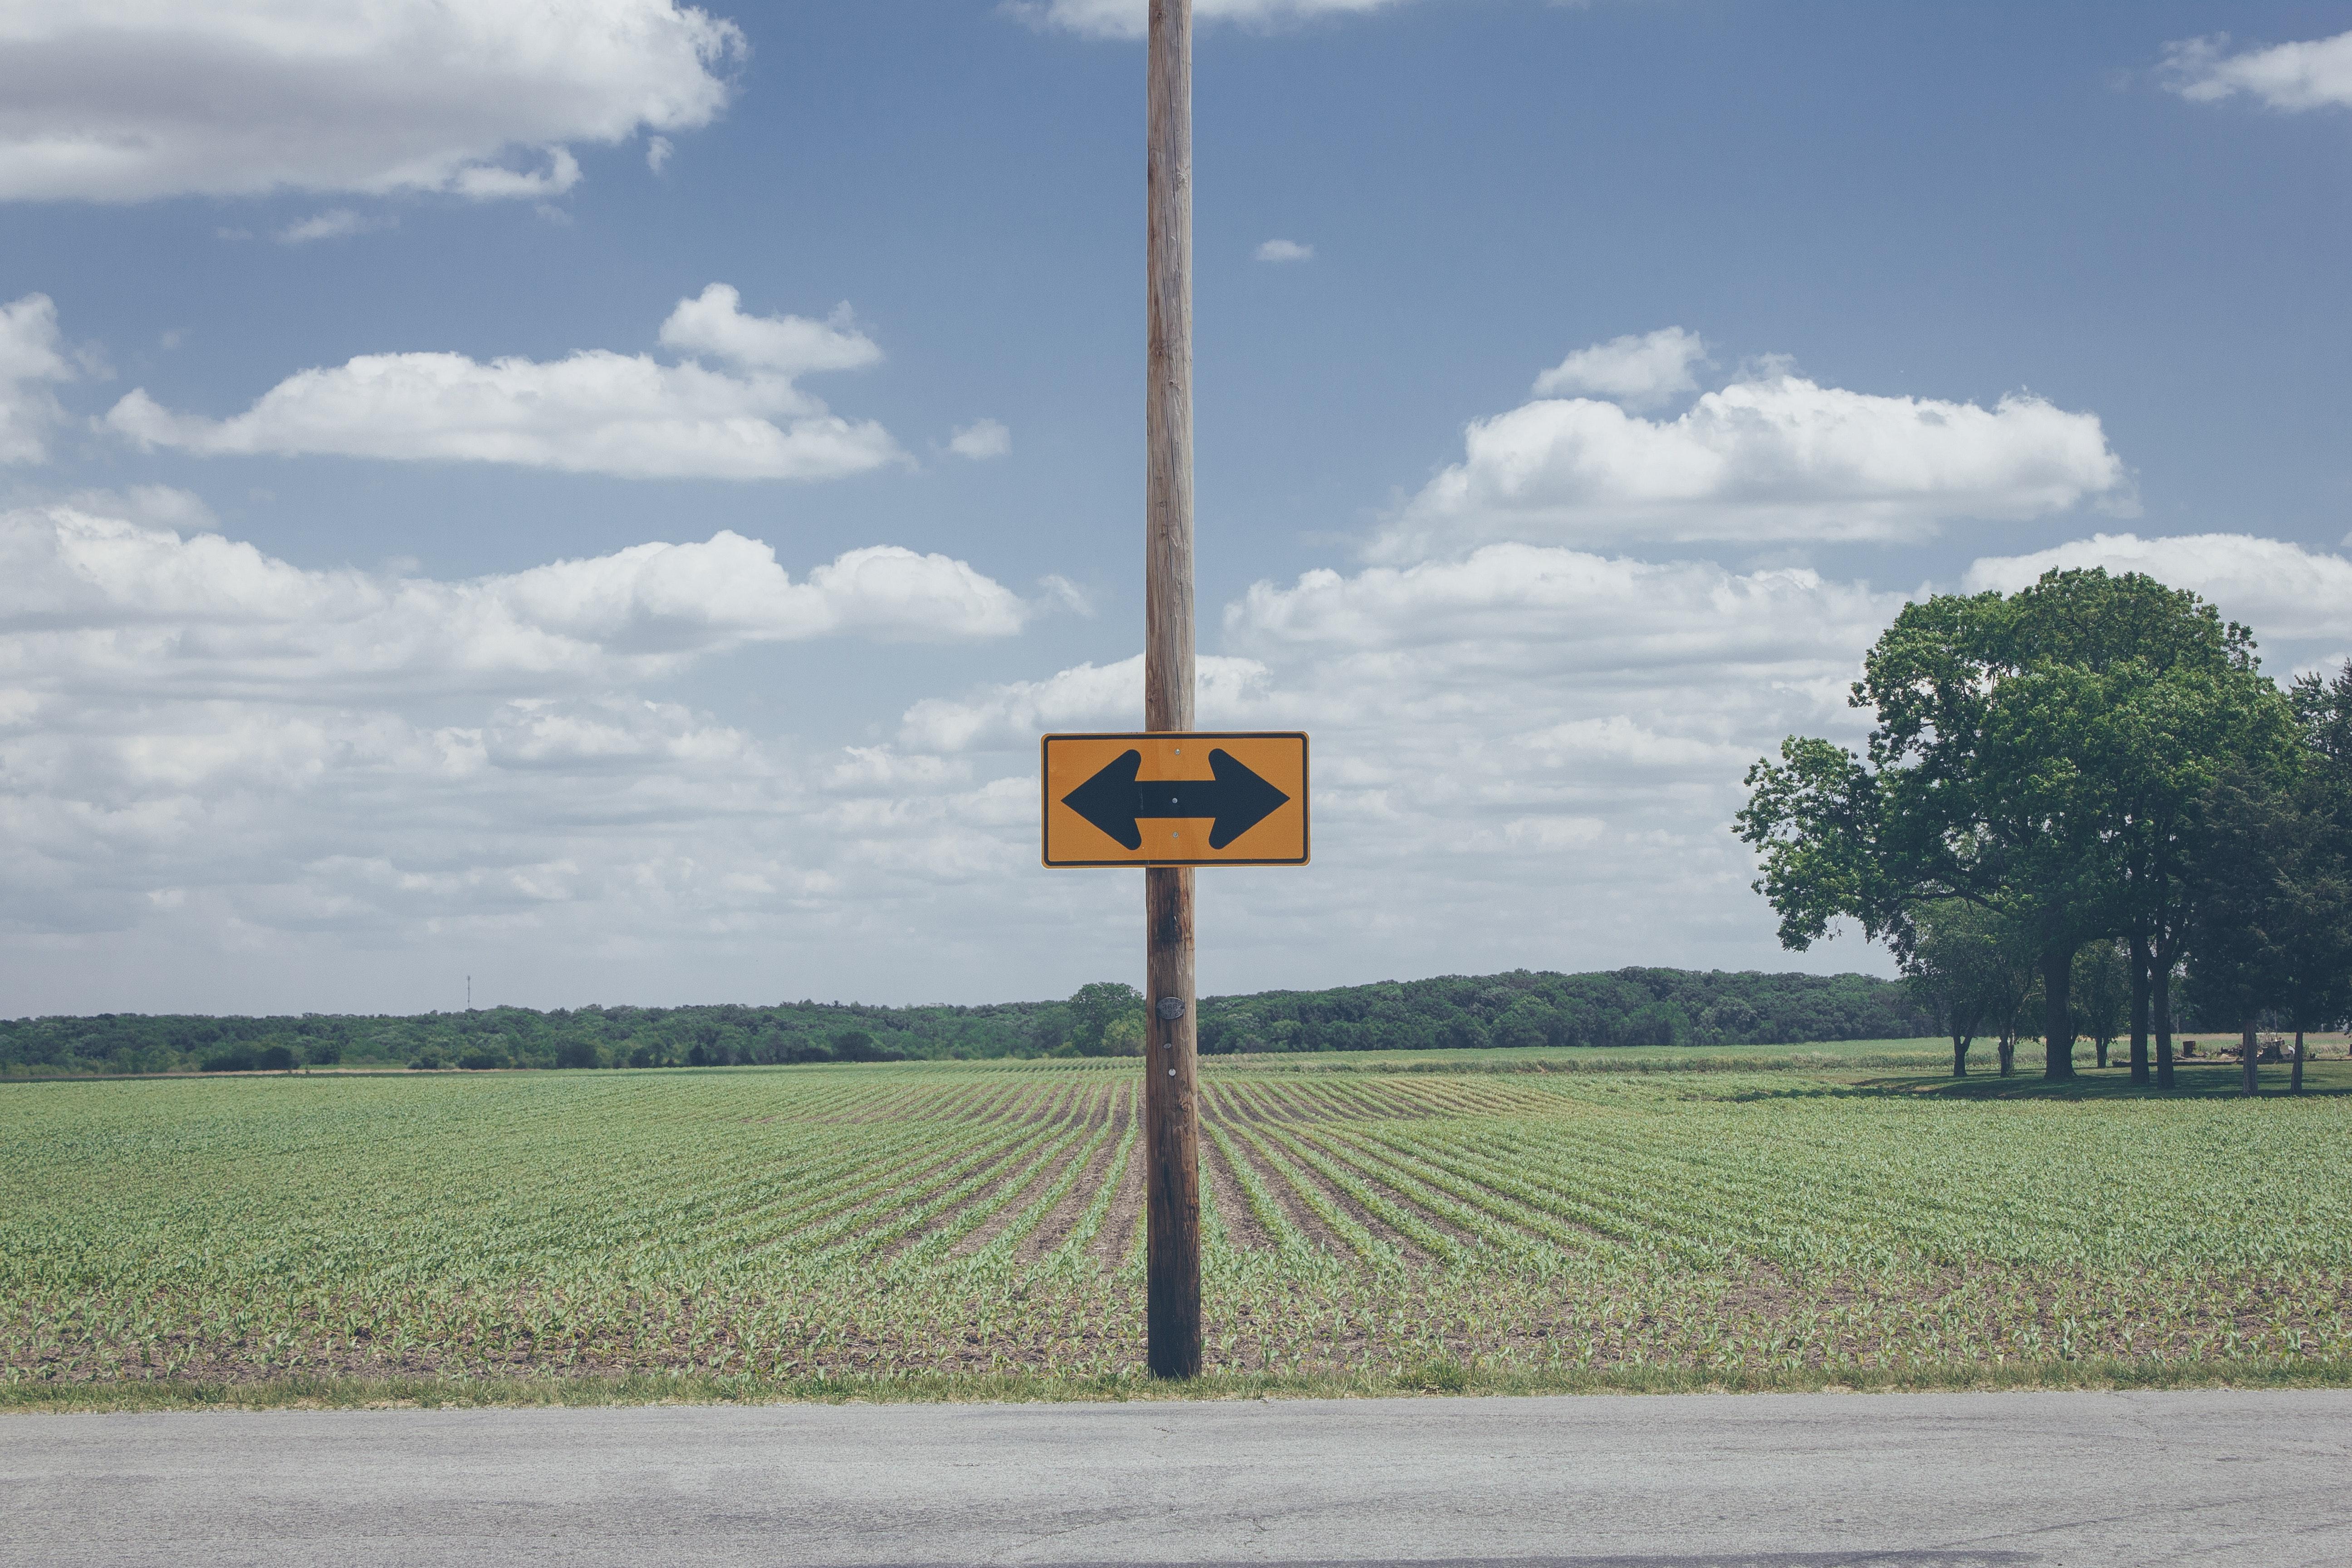 agriculture-arrows-asphalt